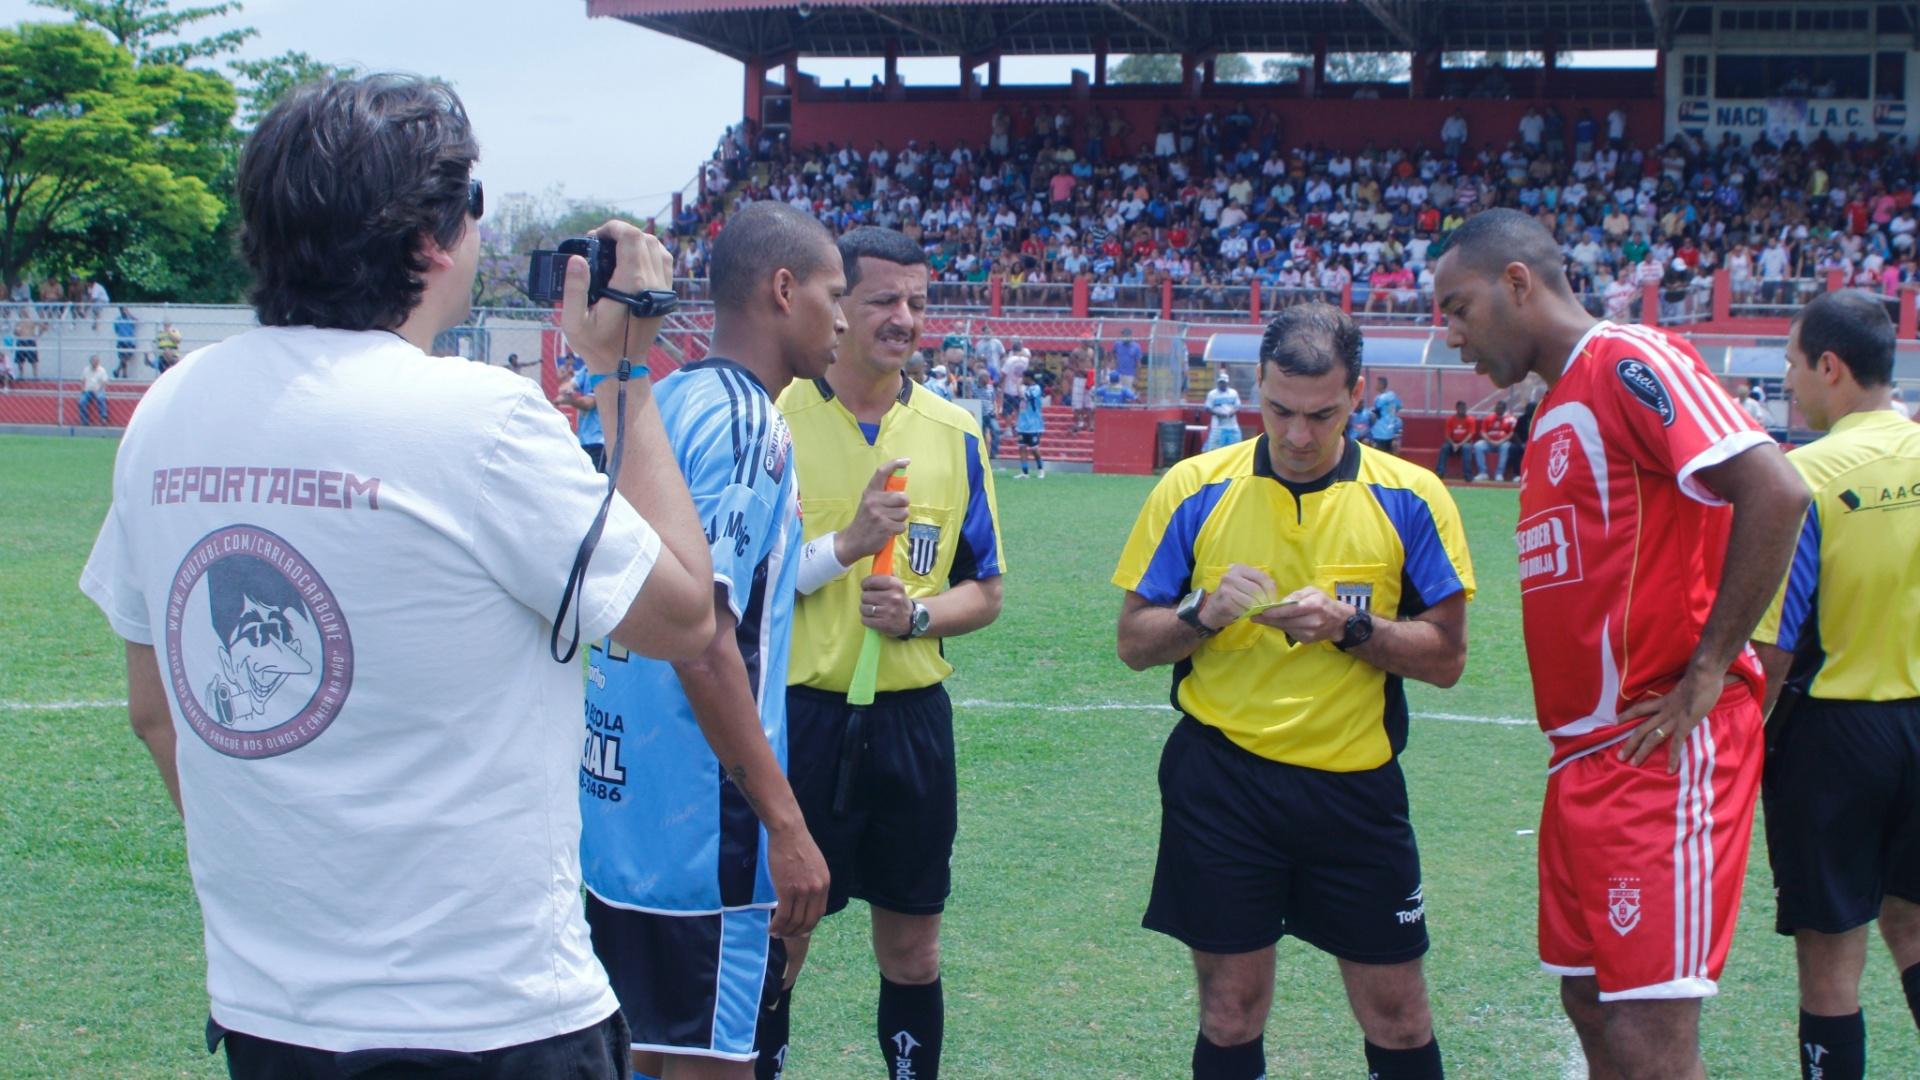 Jogador do Noroeste (d.) reclama com árbitro sobre cartão amarelo durante semifinal da Copa Kaiser 2012 contra o Turma do Baffo